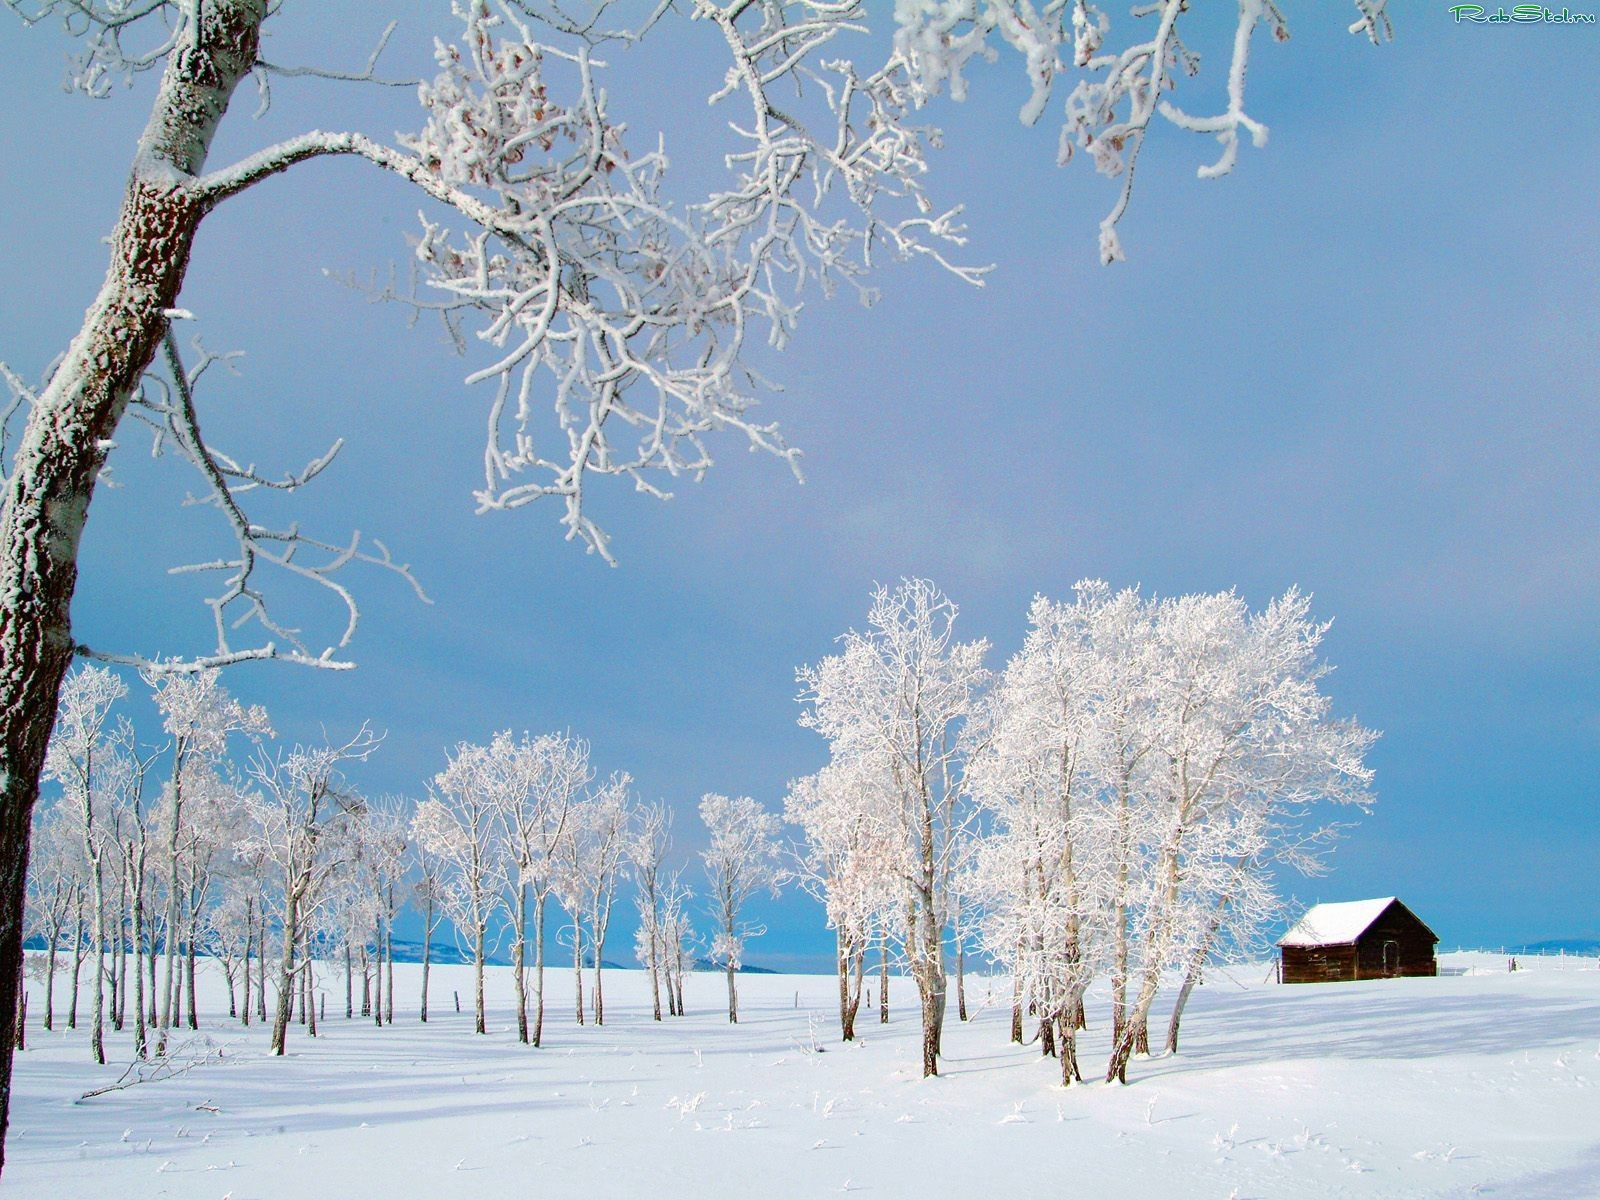 Обои На Рабочий Стол Зима На Даче